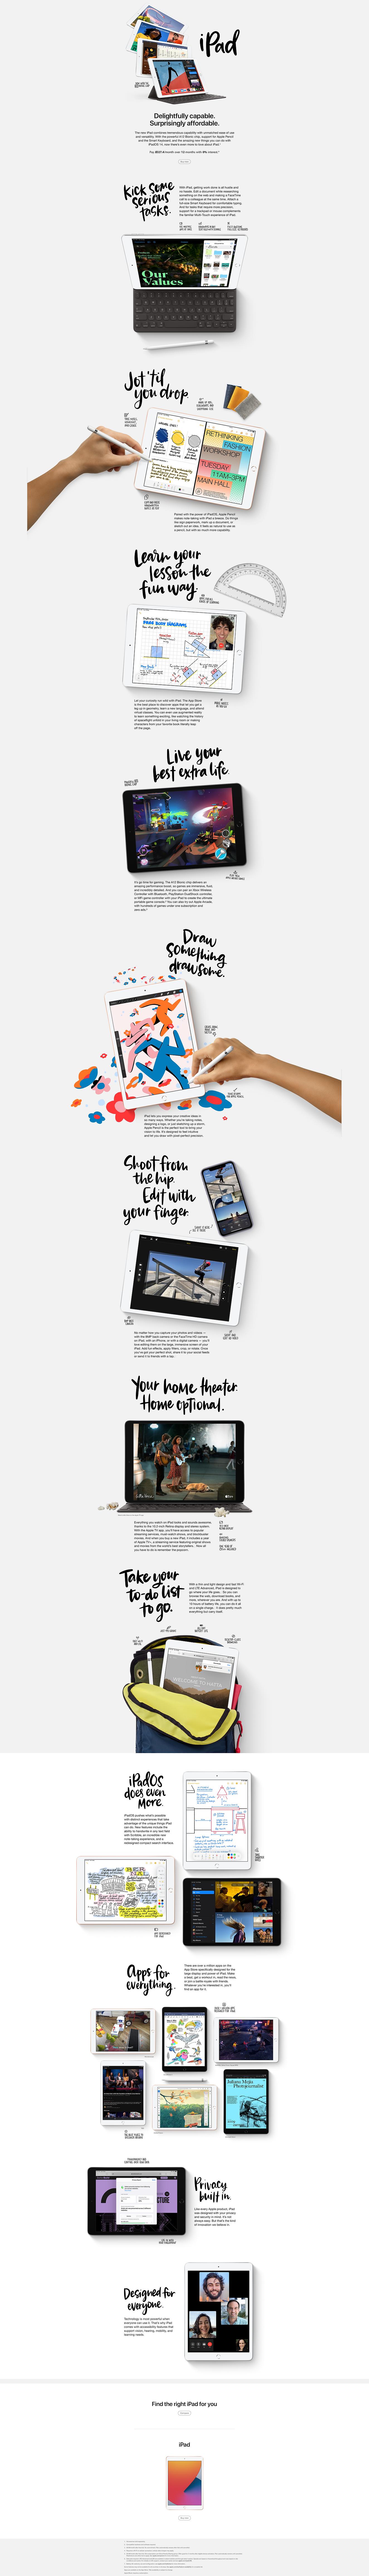 MEEN-iPad_MarketingPage_L_v2 (4).png